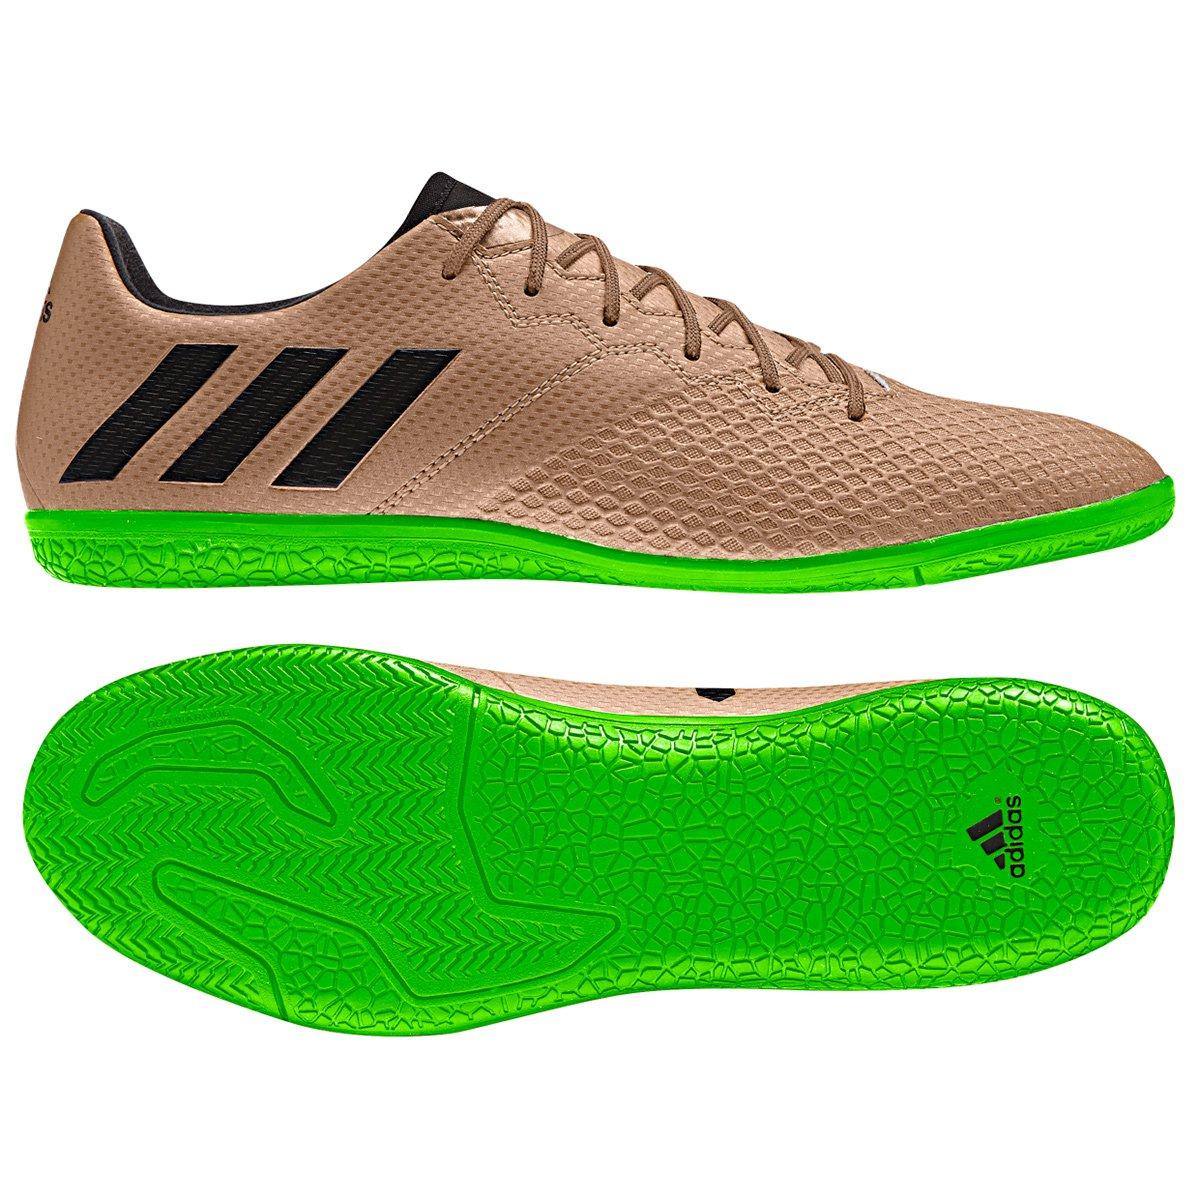 28e600bc2ff2c Chuteira Futsal Adidas Messi 16.3 IN Masculina - Bronze e Preto - Compre  Agora